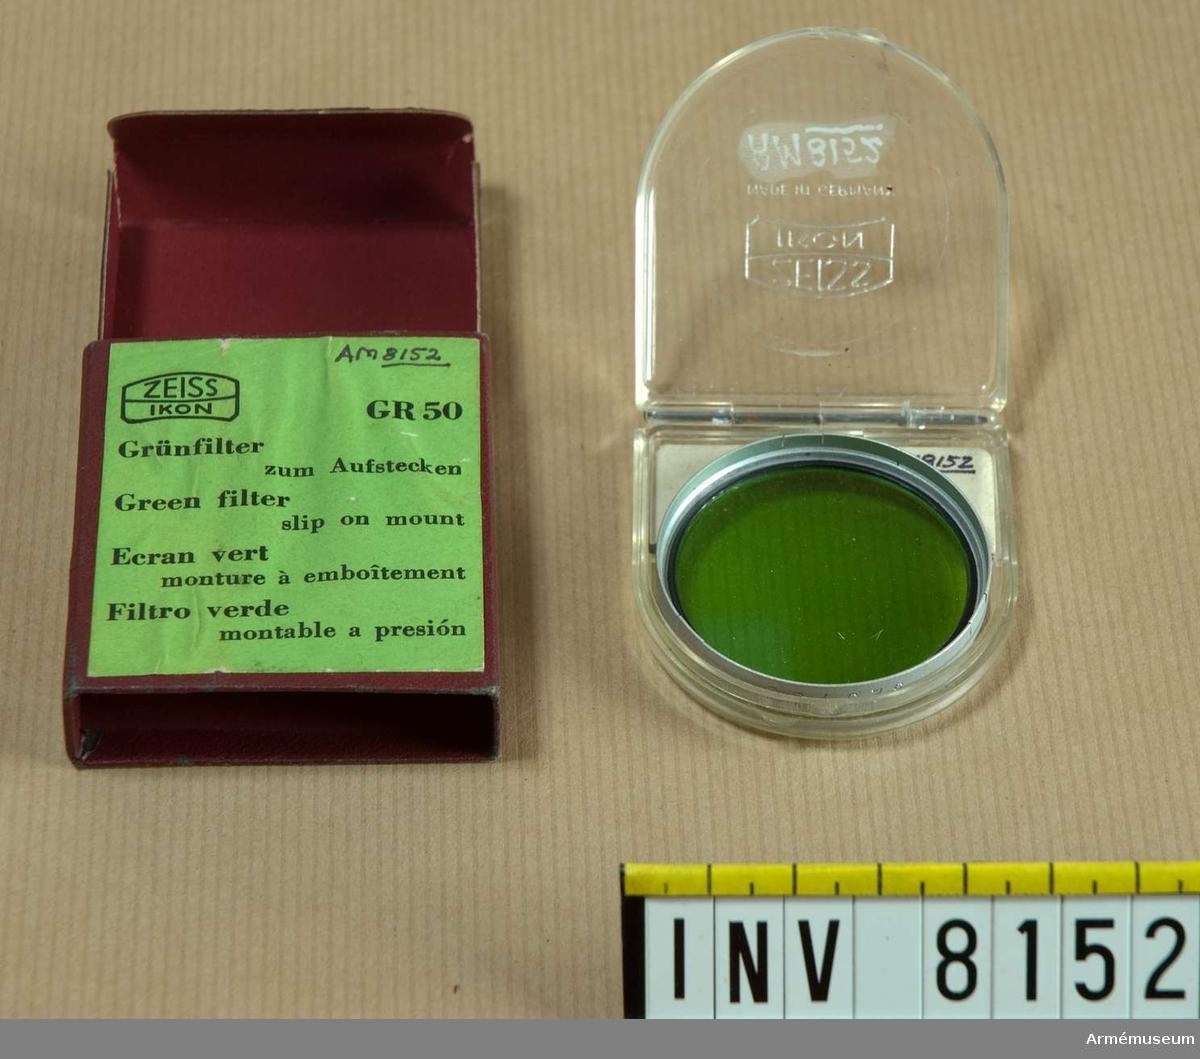 Samhörande nr är AM 8151 - 8199. Text på metallringen runt glaset Zeiss Ikon 323/50 GR50.Filtret ligger i en plastask, och den i en pappersförpackning med följande text GR 50, ring med ett streck över 42 mm, 323/50 (texten på locket). Zeiss Ikon Am 8152 GR 50 Grünfilter zum Aufstecken. Green Filtre Slip on mount. Ecran vert moyen monture a emboitement. Filtro verde untable a presion.